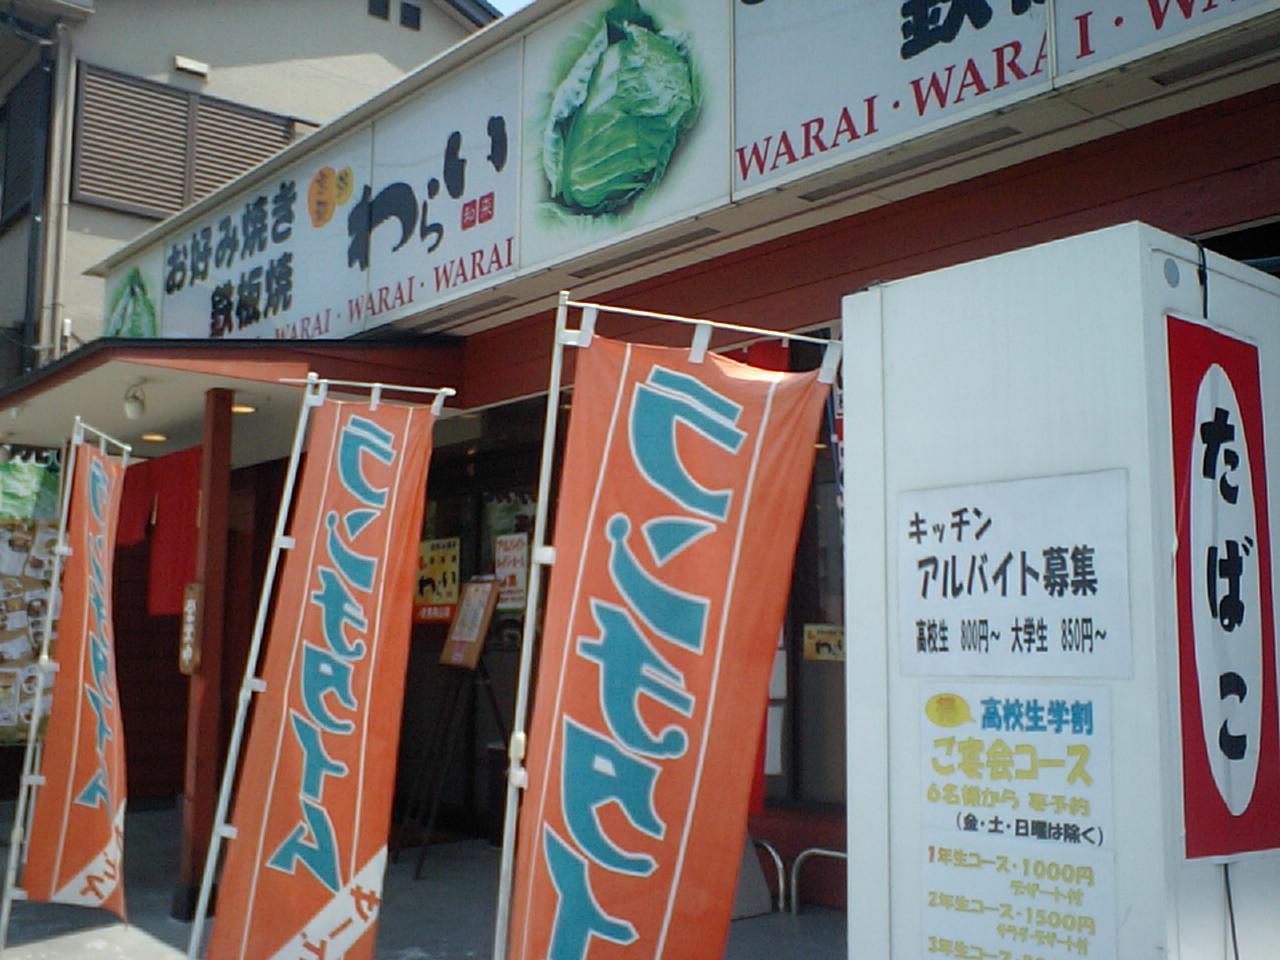 錦わらい 伏見桃山店